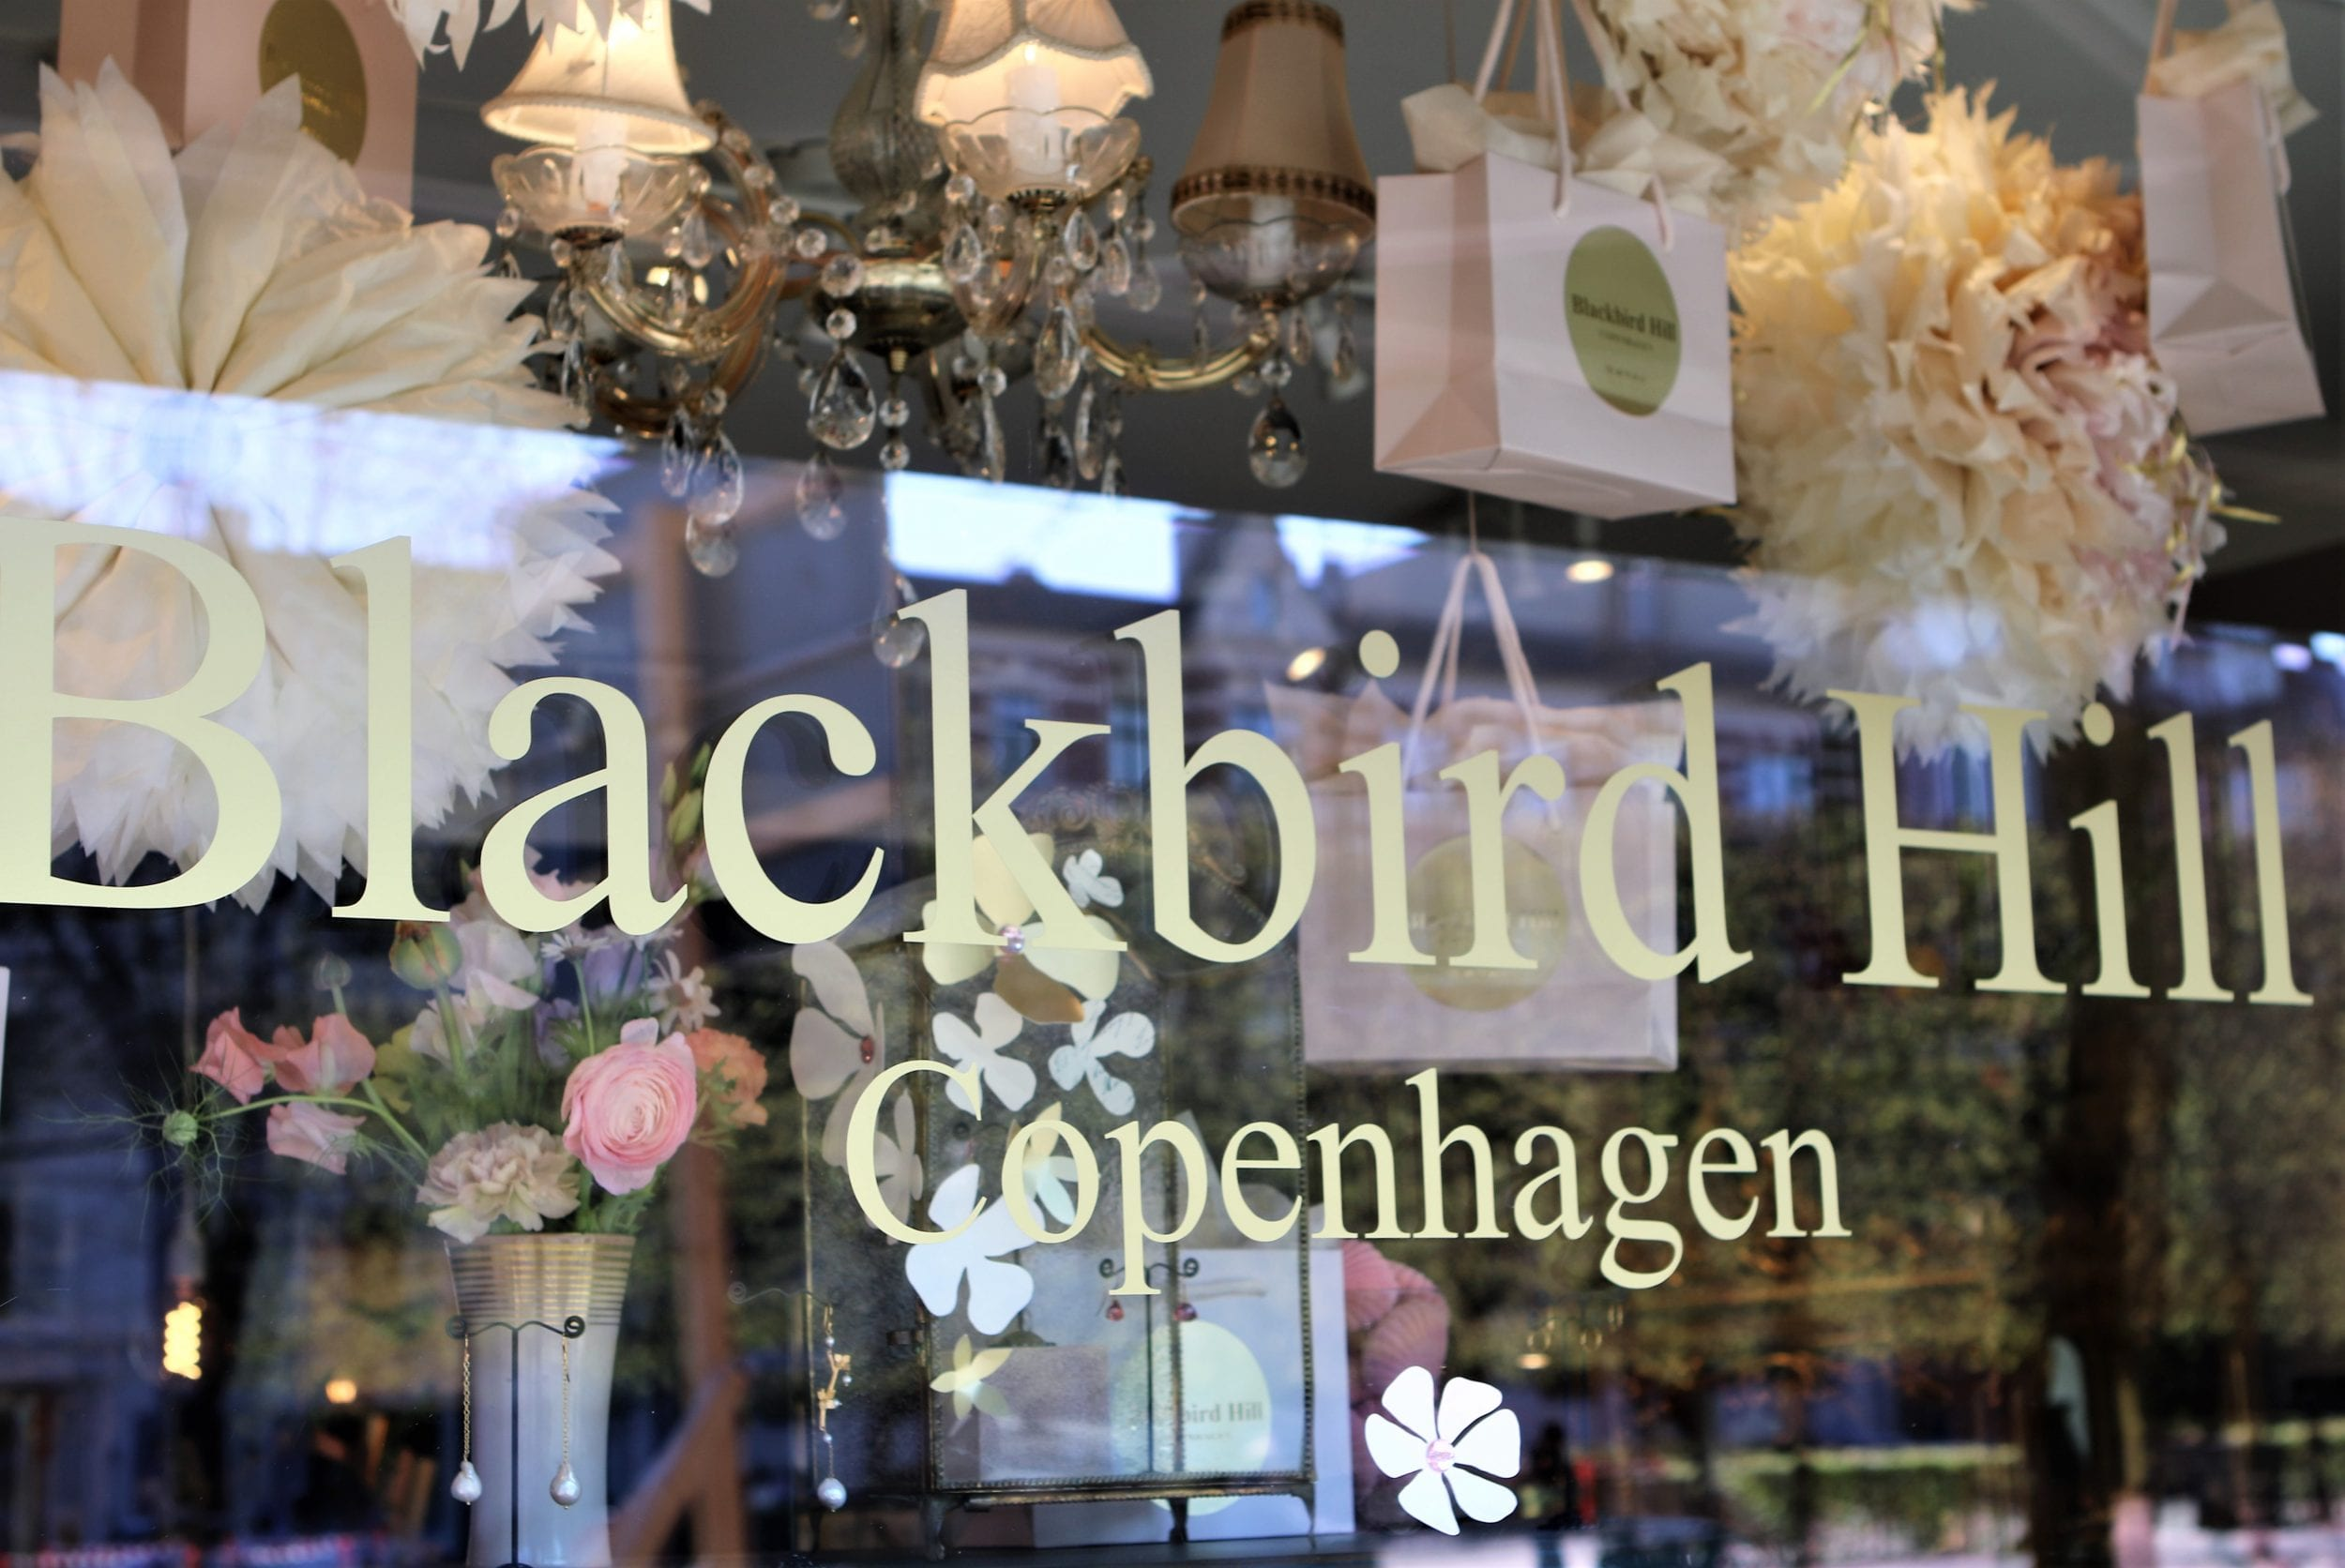 1d4721d8d66 Dit Frederiksberg var på besøg i butikken og fik taget disse billeder. Tag  et kig med her.